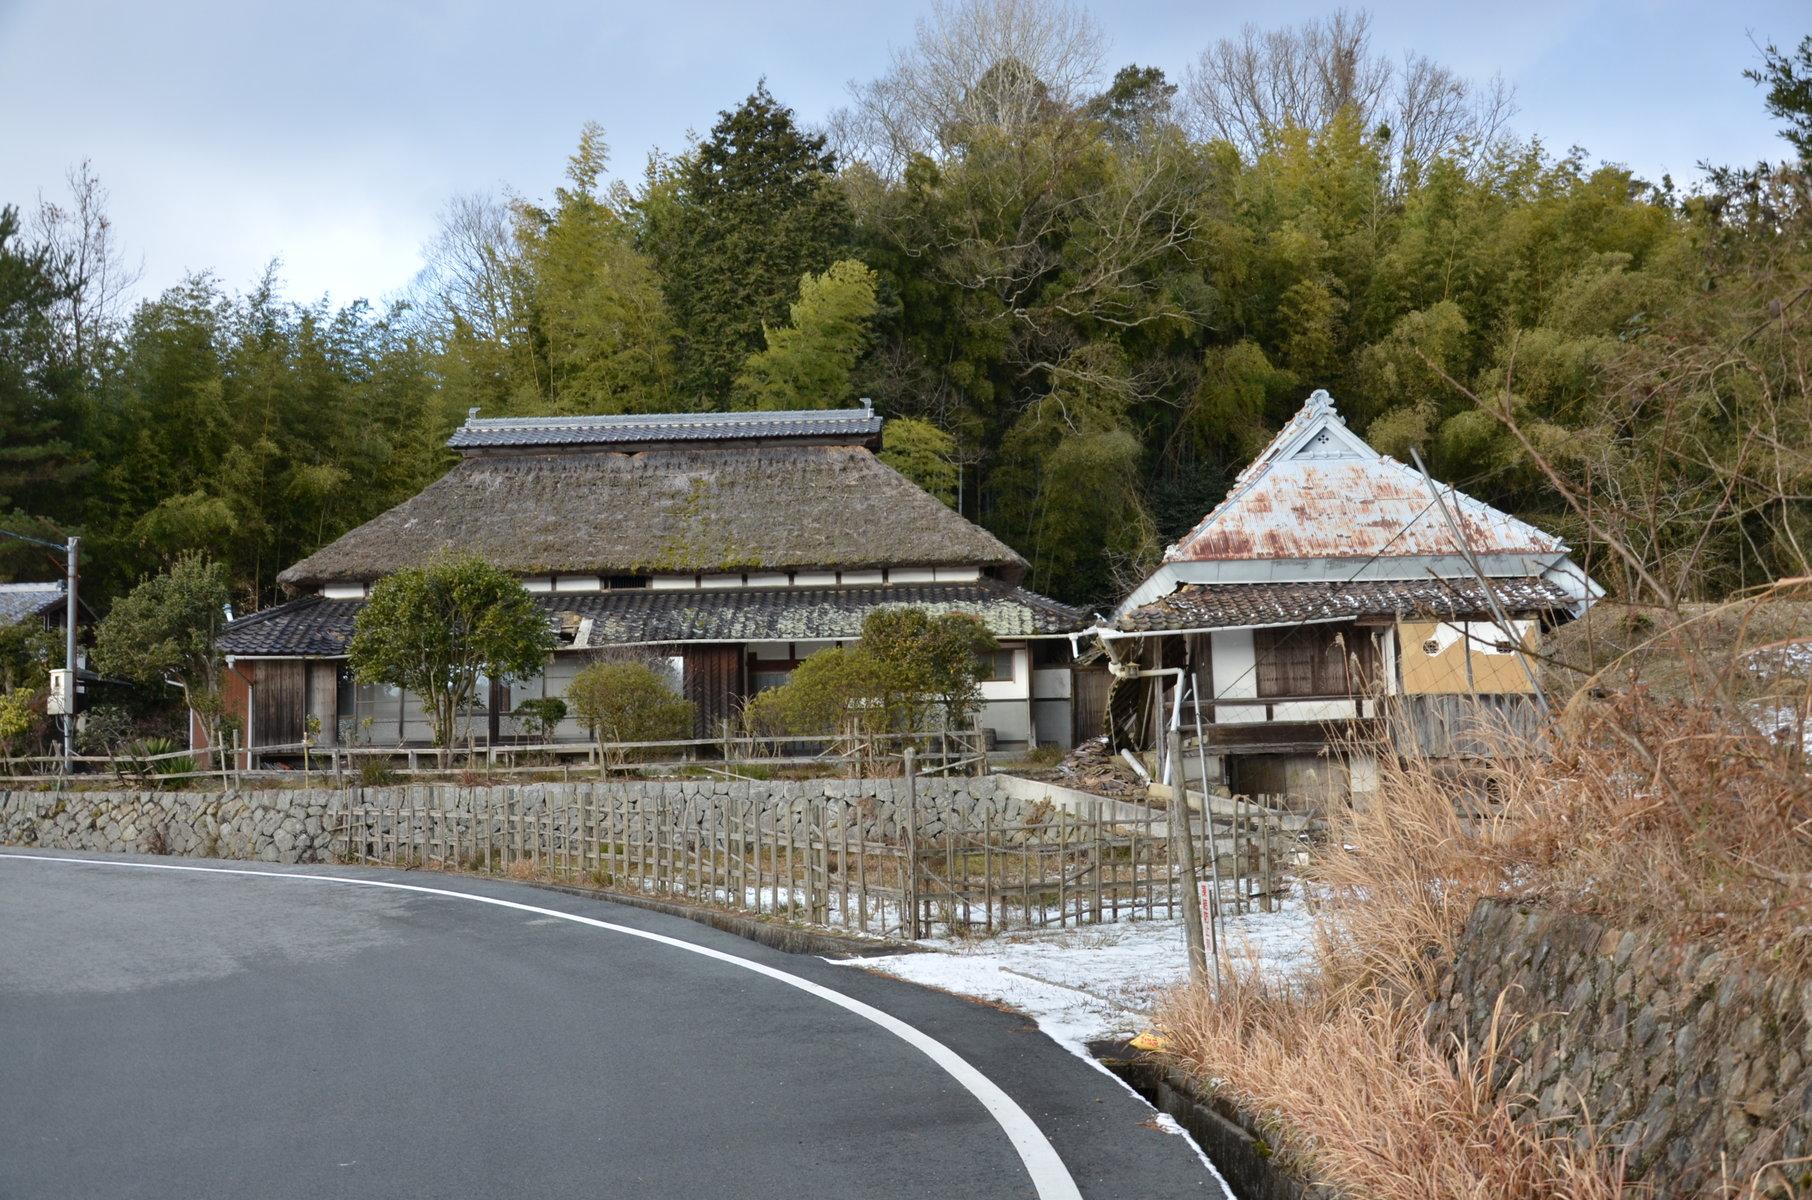 岡山県備前市 八塔寺ふるさと村 町並み : 町並み散策と近代建築